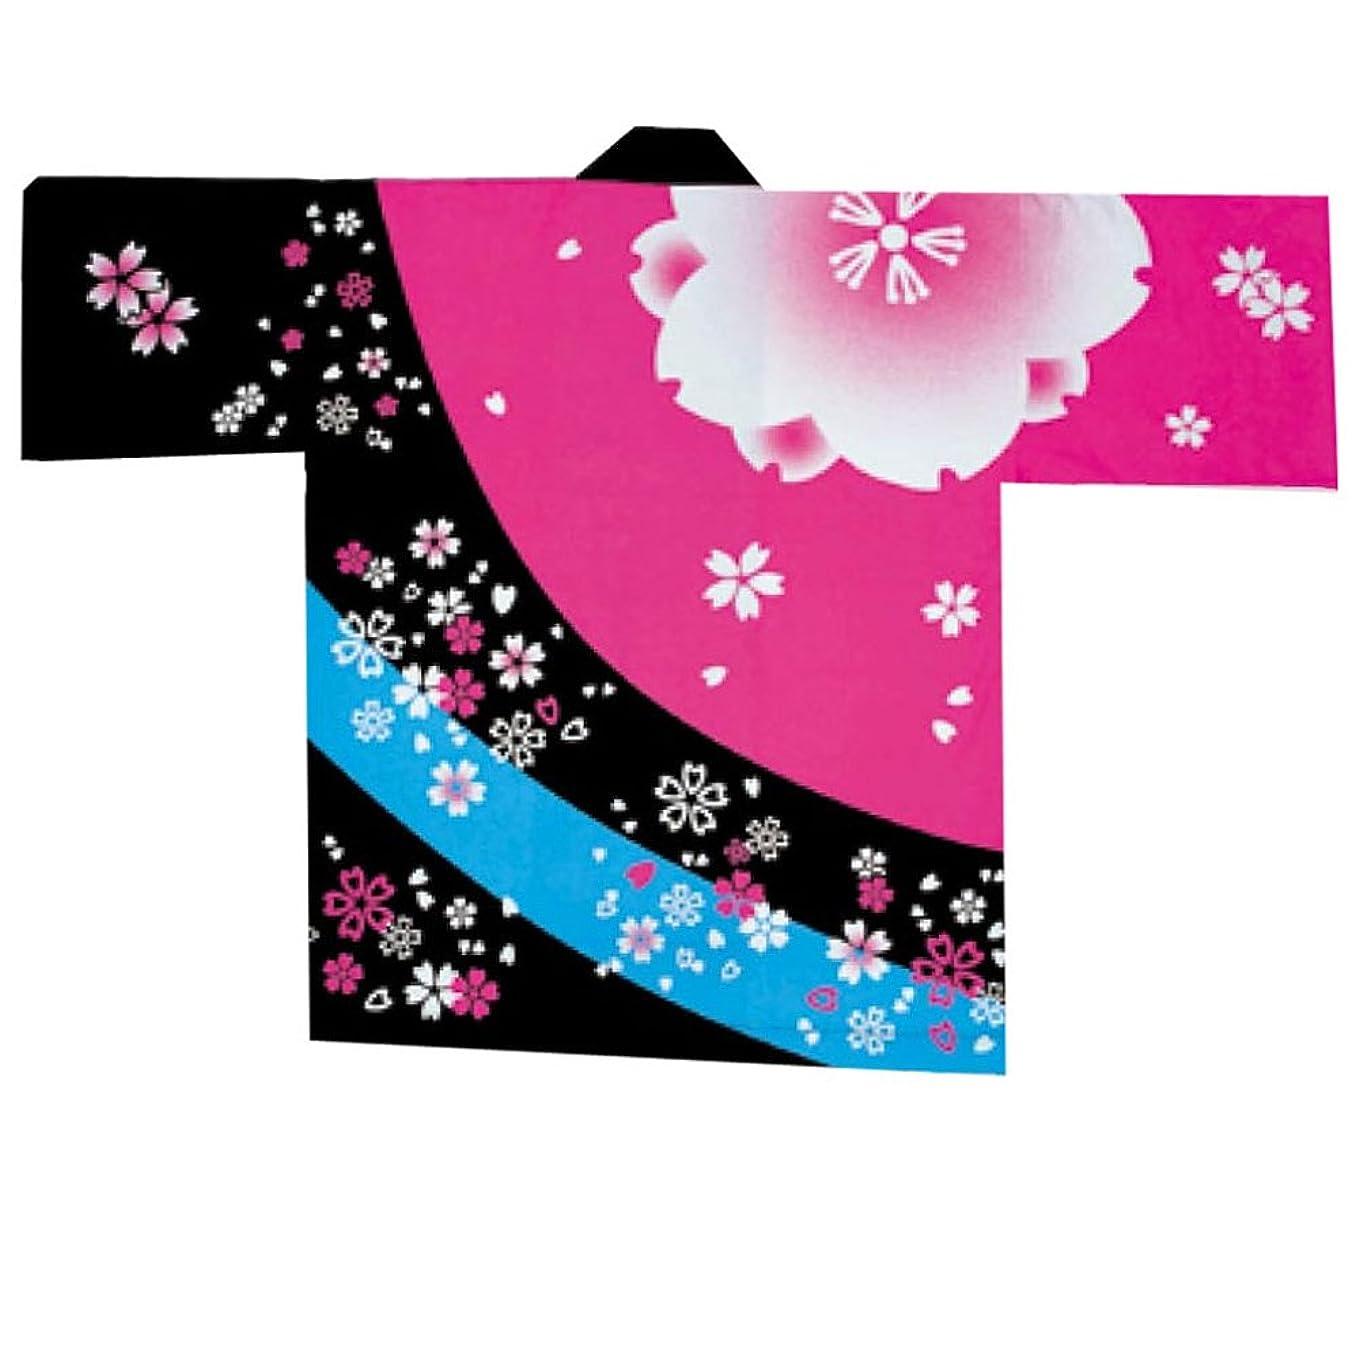 従来の羽トランク【お祭り?子供用はっぴ】 シルクプリント子供袢天 桜柄 ピンク/黒 帯?手拭い付 D5999